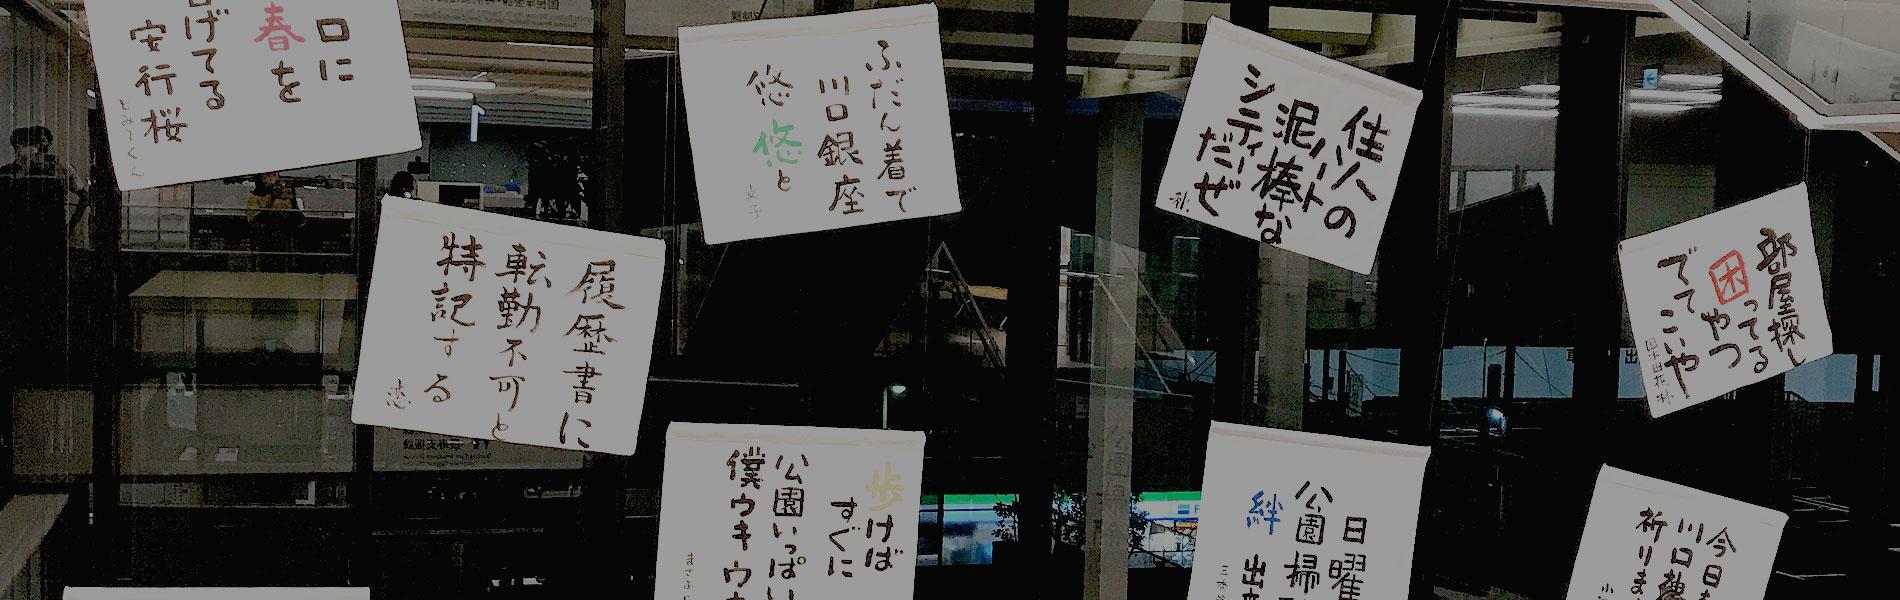 IN 川口市役所 受賞作品展示